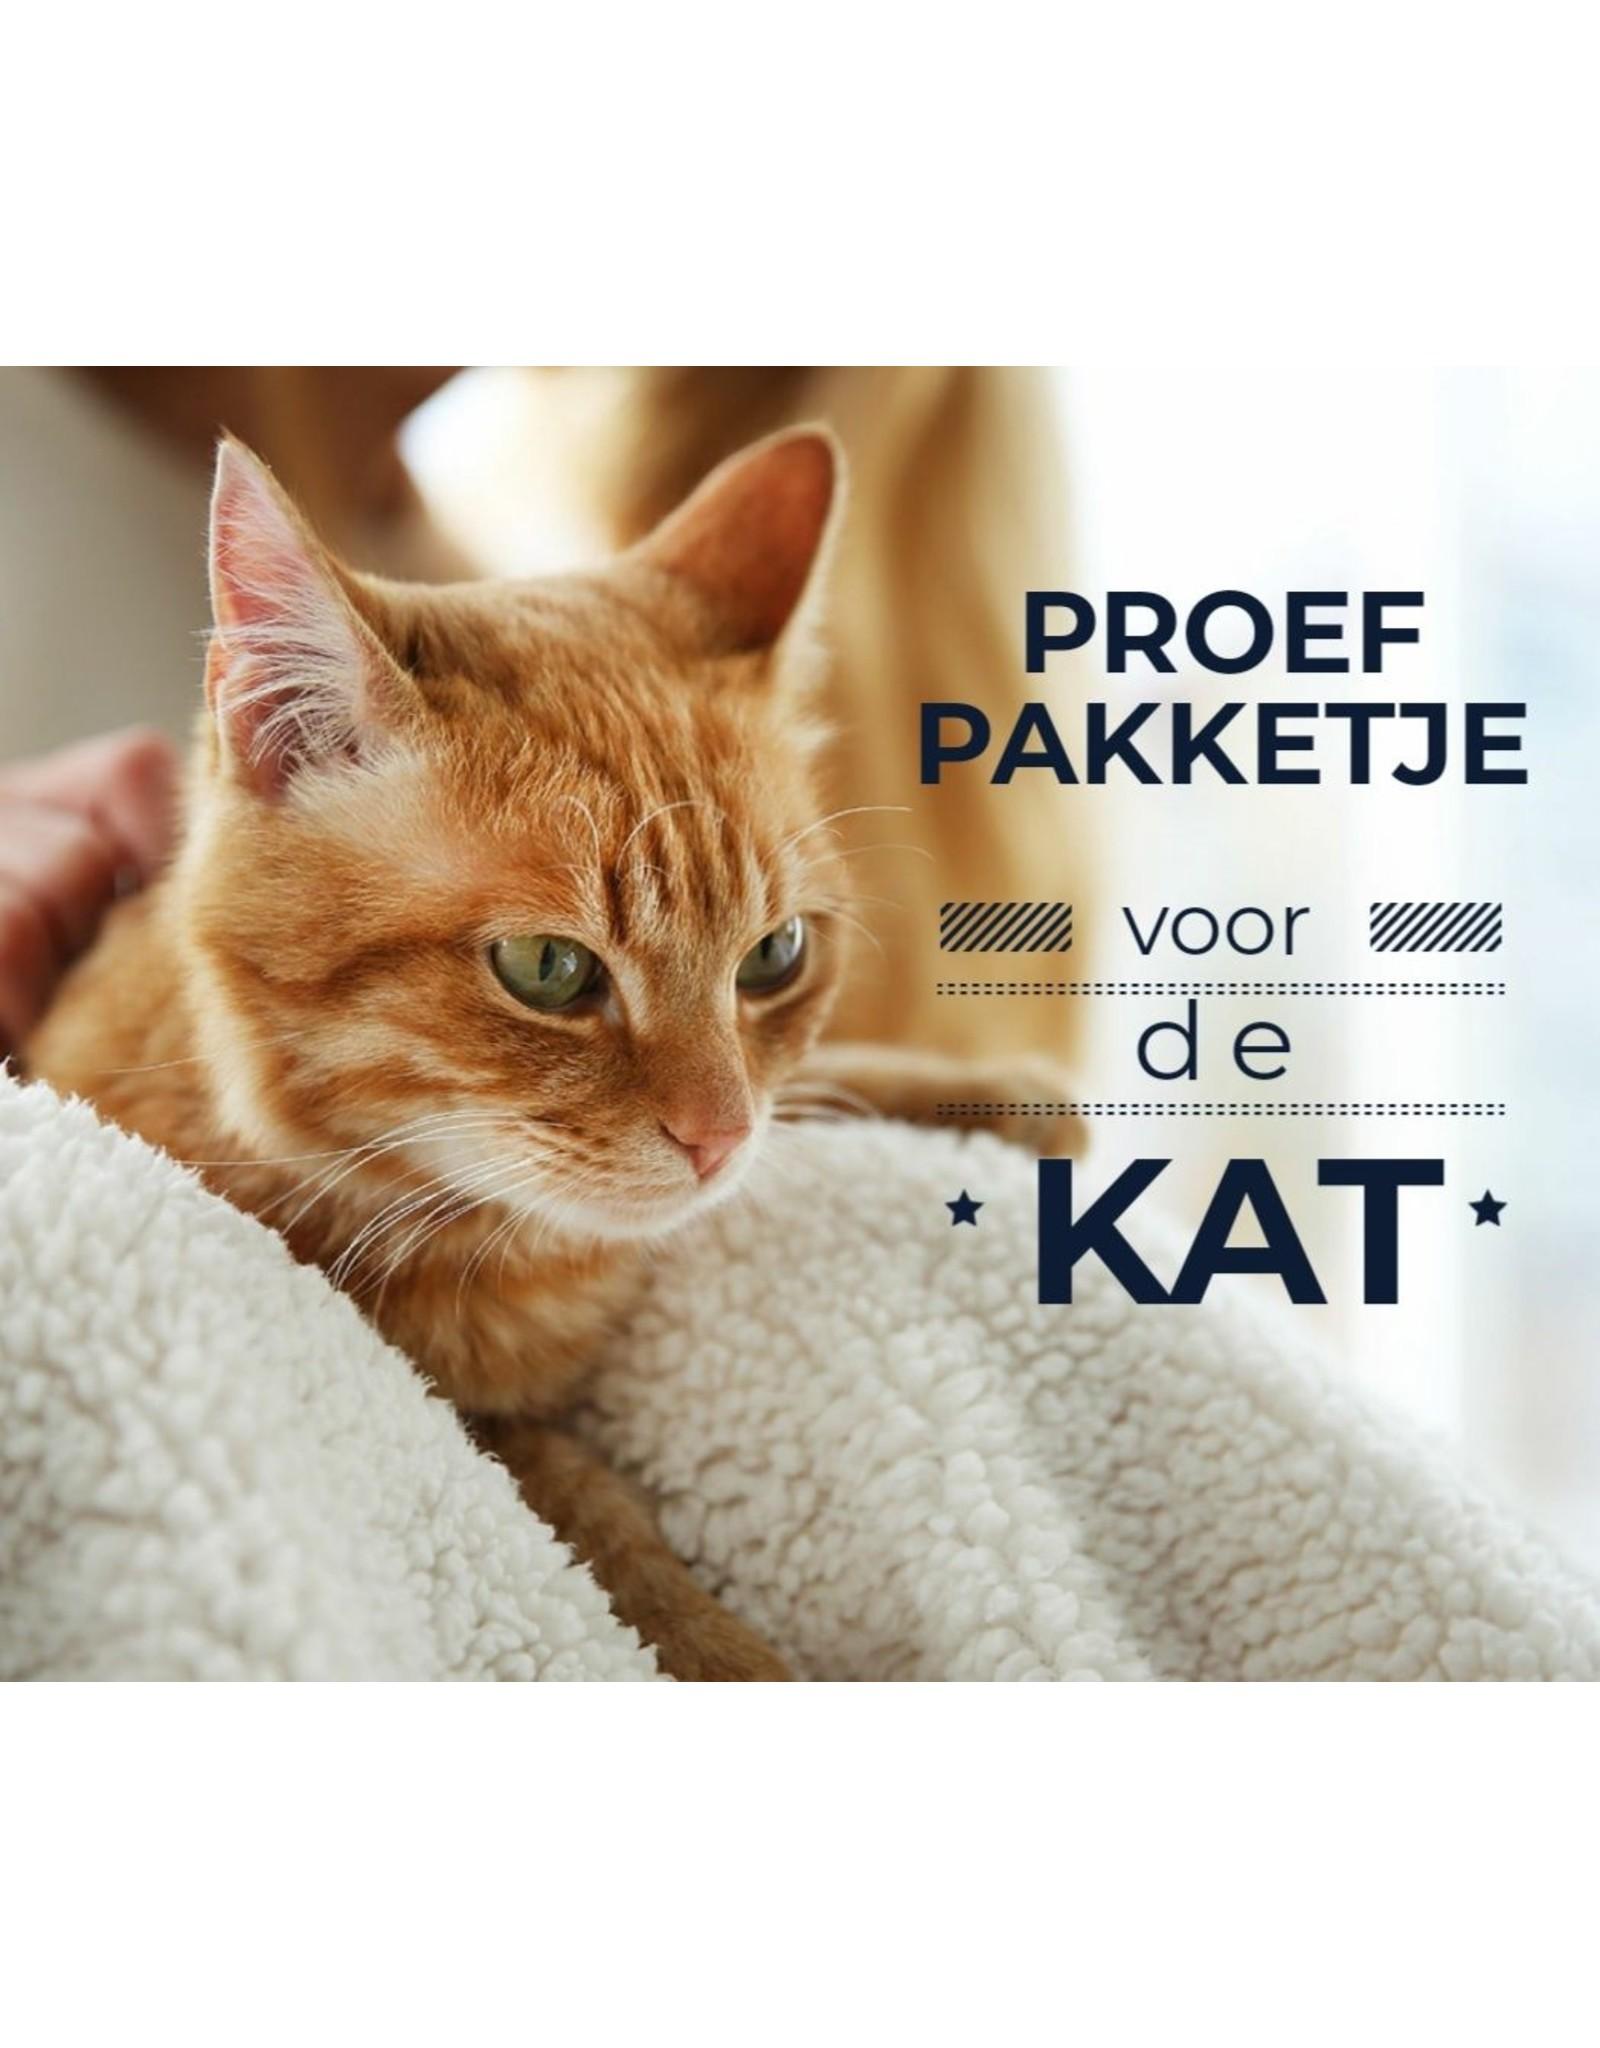 Proefpakketje Katten Brokken